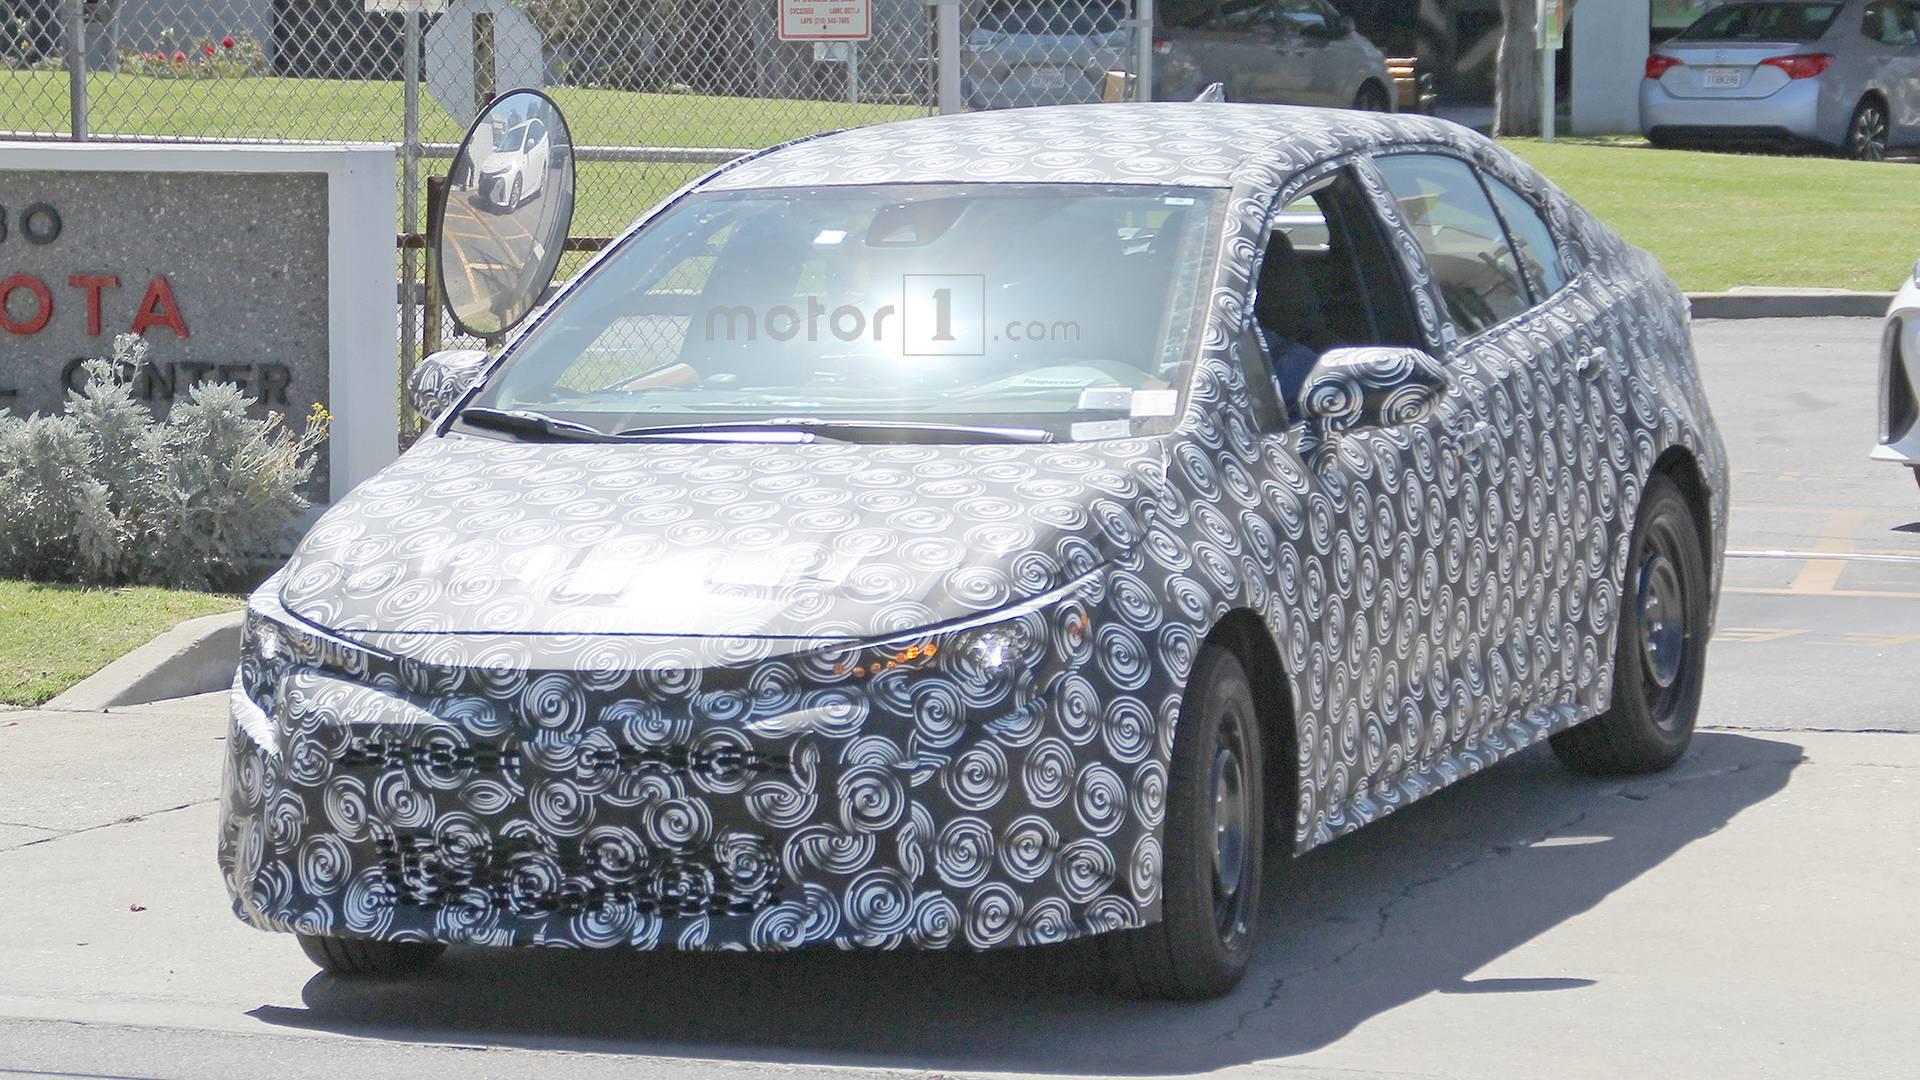 Confirmado: Novo Toyota Corolla será revelado dia 16 de novembro na China 2020-toyota-corolla-spy-photo